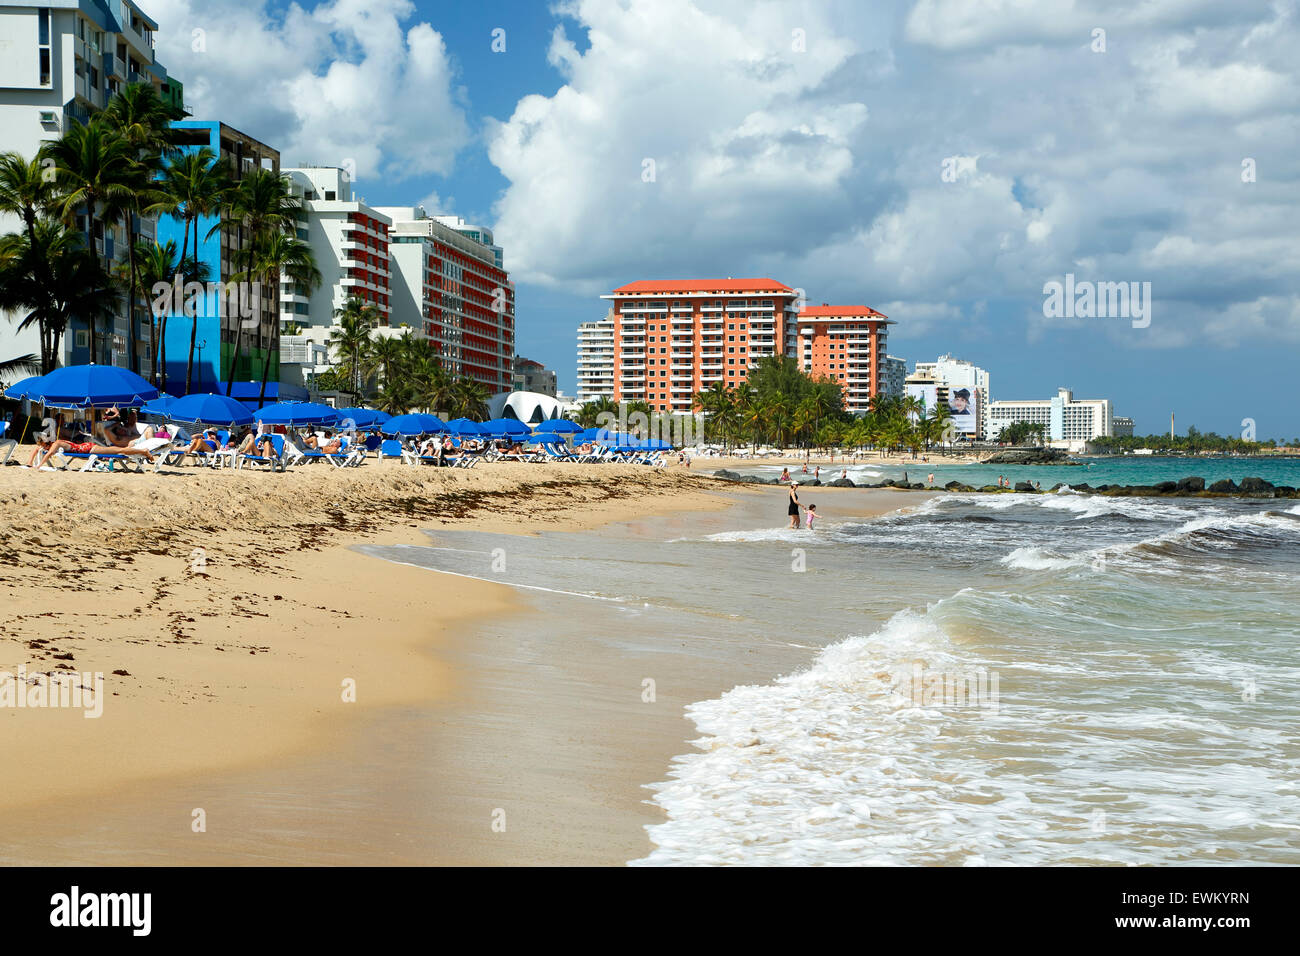 El Condado Beach, blaue Schirme und Skyline, El Condado, San Juan, Puerto Rico Stockbild